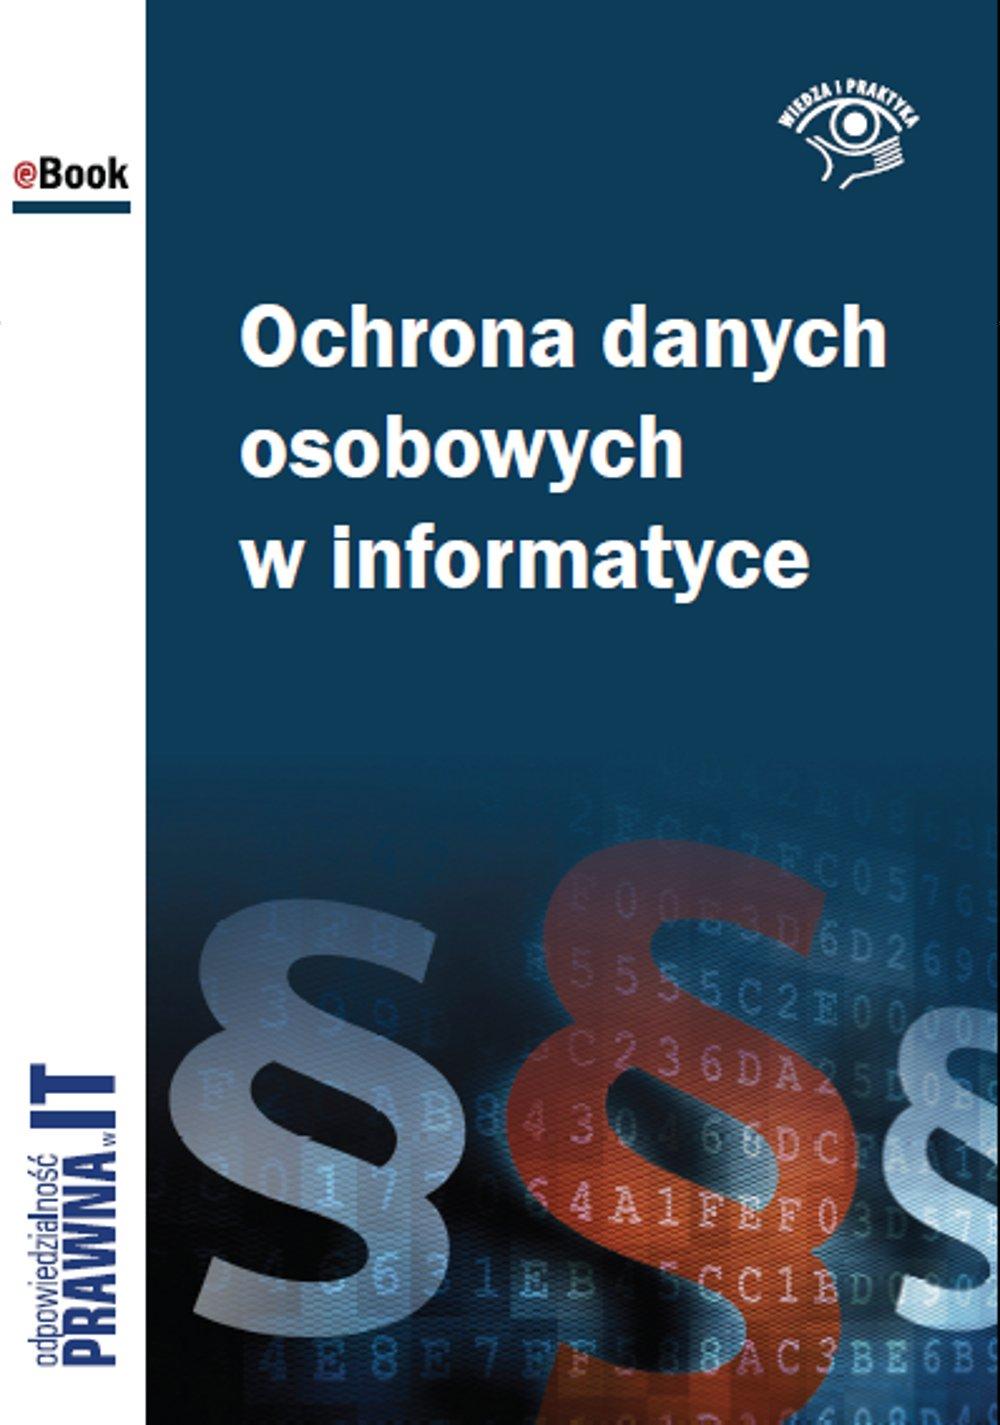 Ochrona danych osobowych w informatyce - Ebook (Książka PDF) do pobrania w formacie PDF